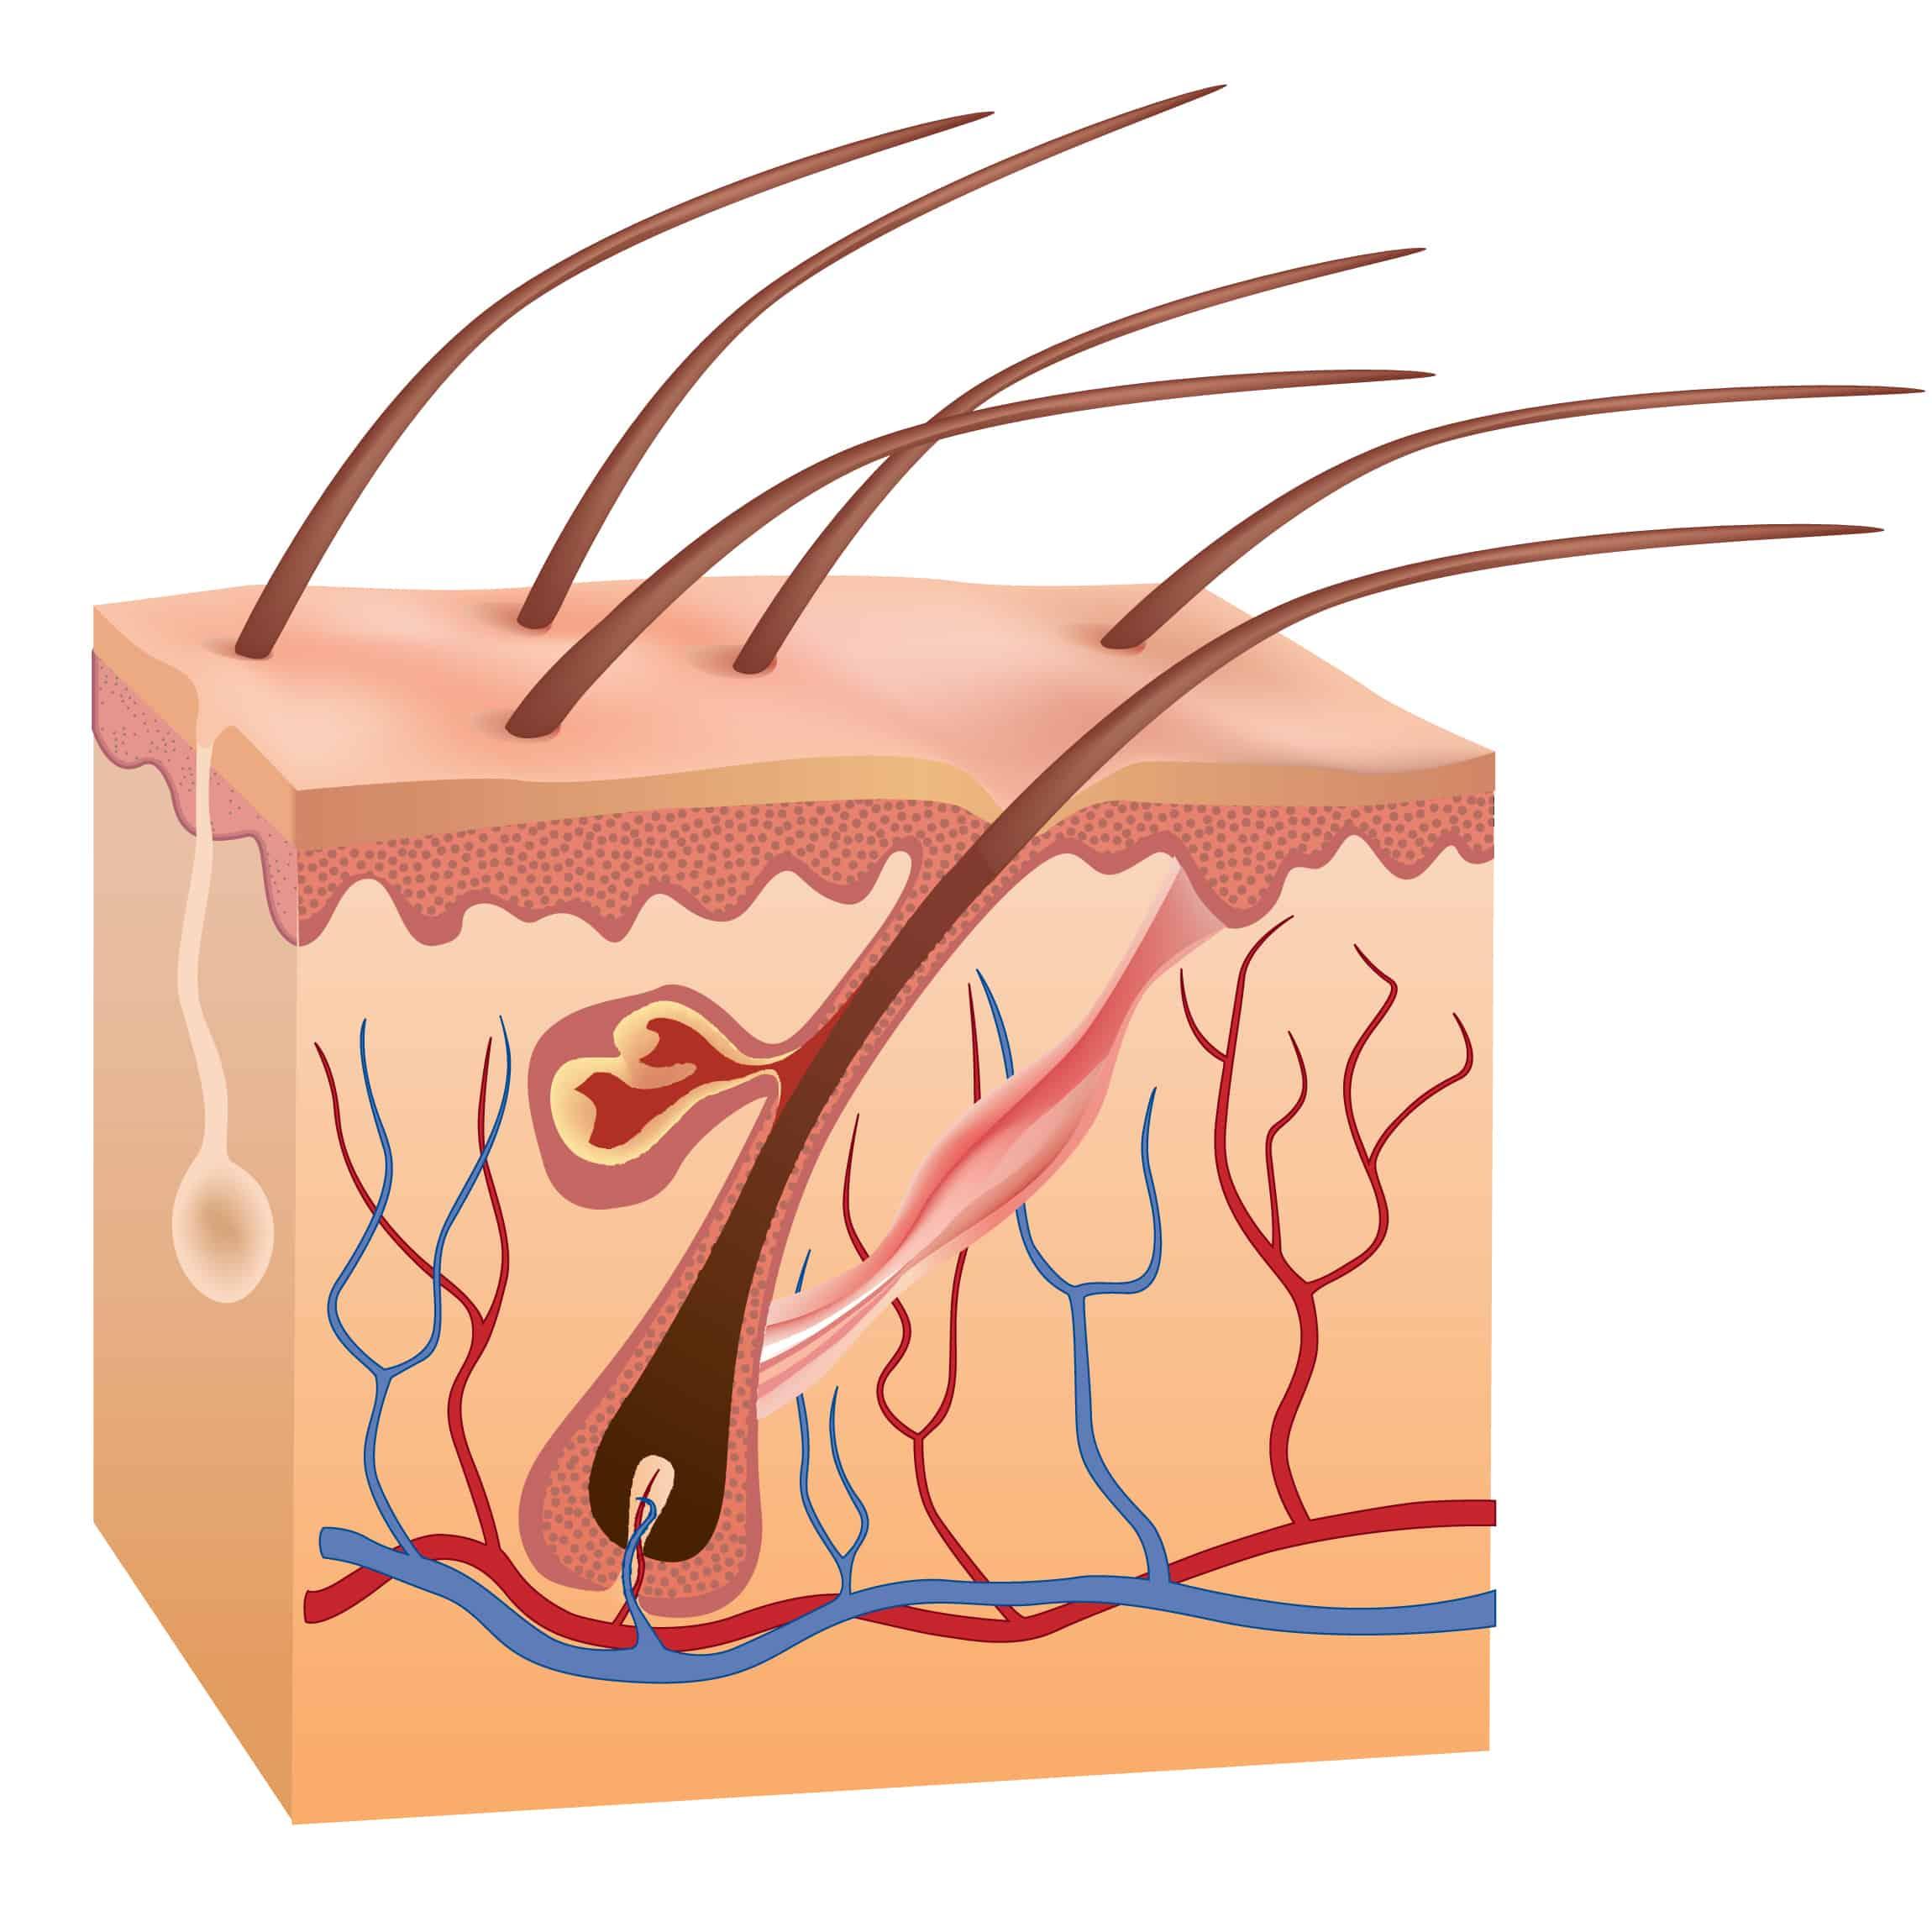 لماذا ينمو الشعر والأظافر؟